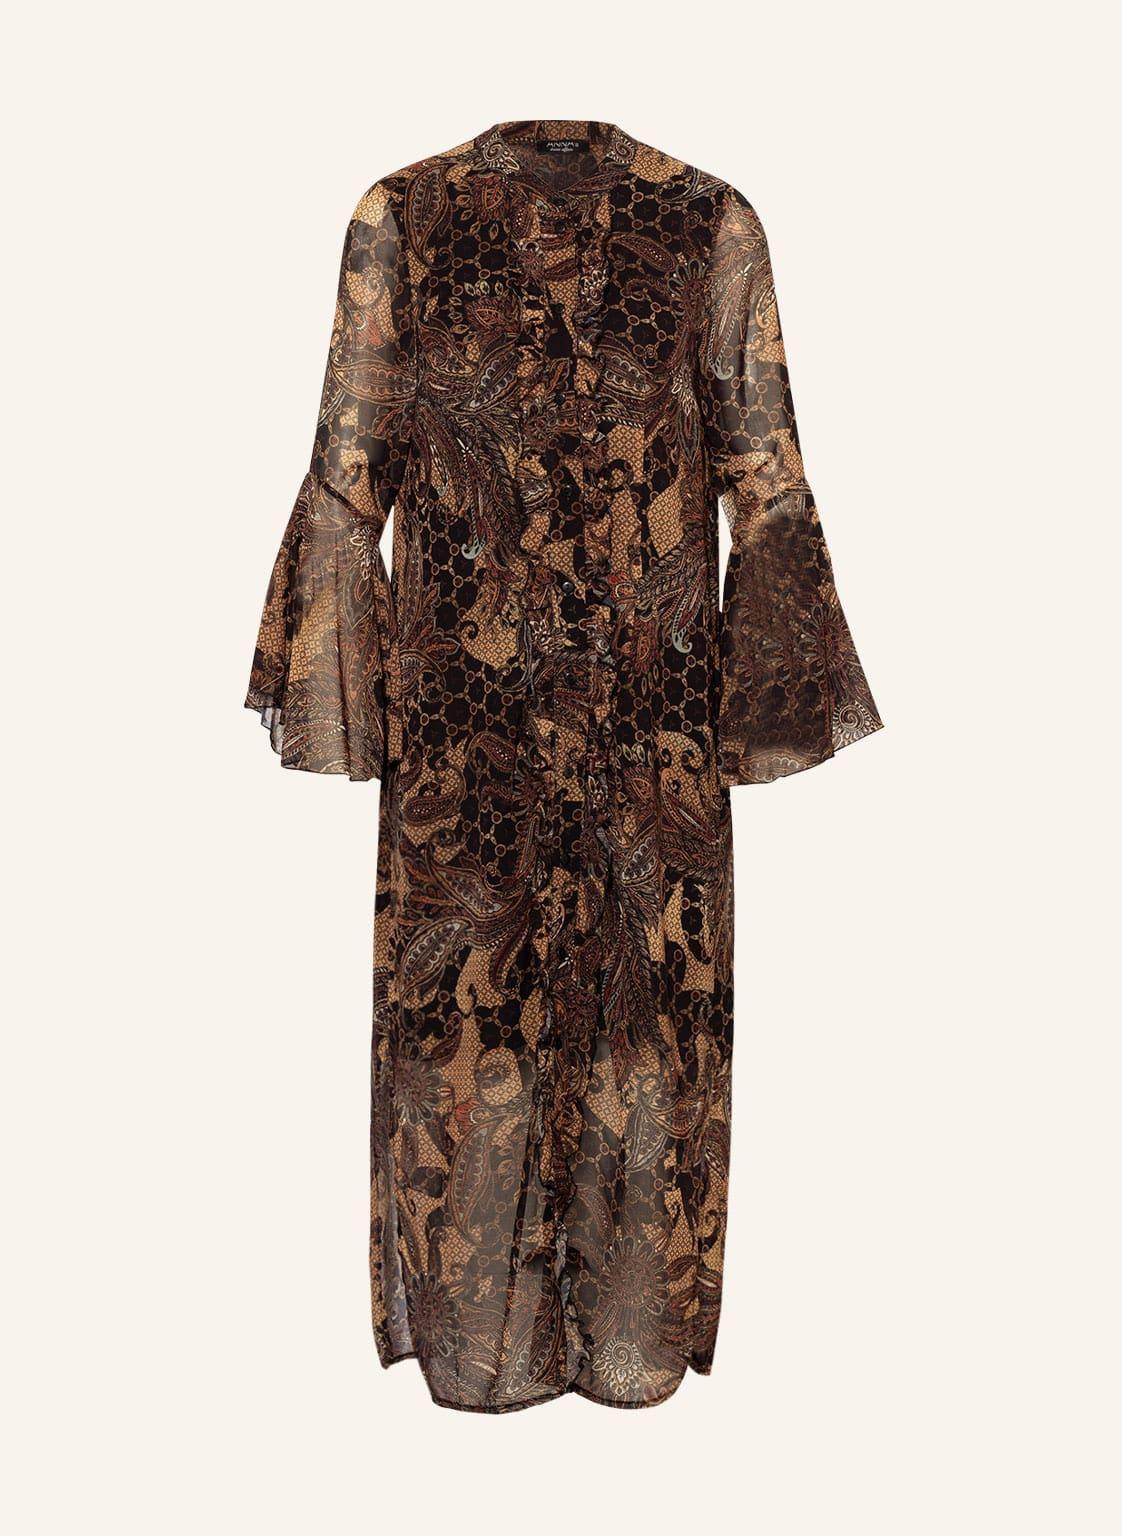 Image of Anna's Kleid Mit Volantbesatz braun